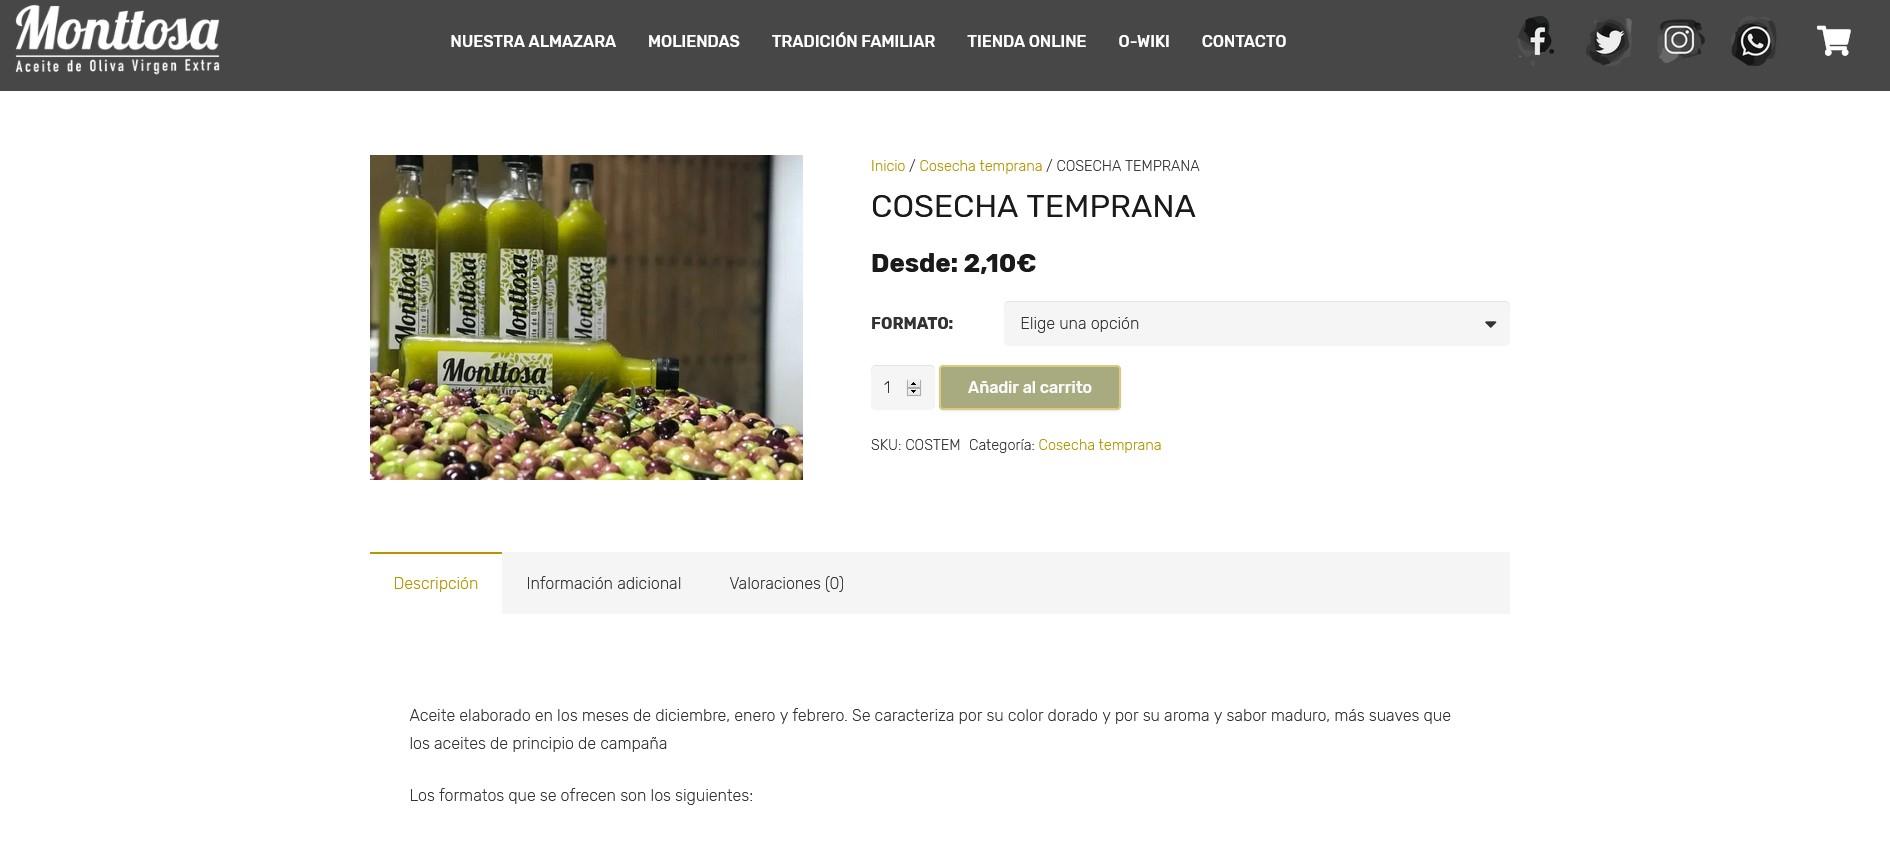 Aceites Monttosa tienda online